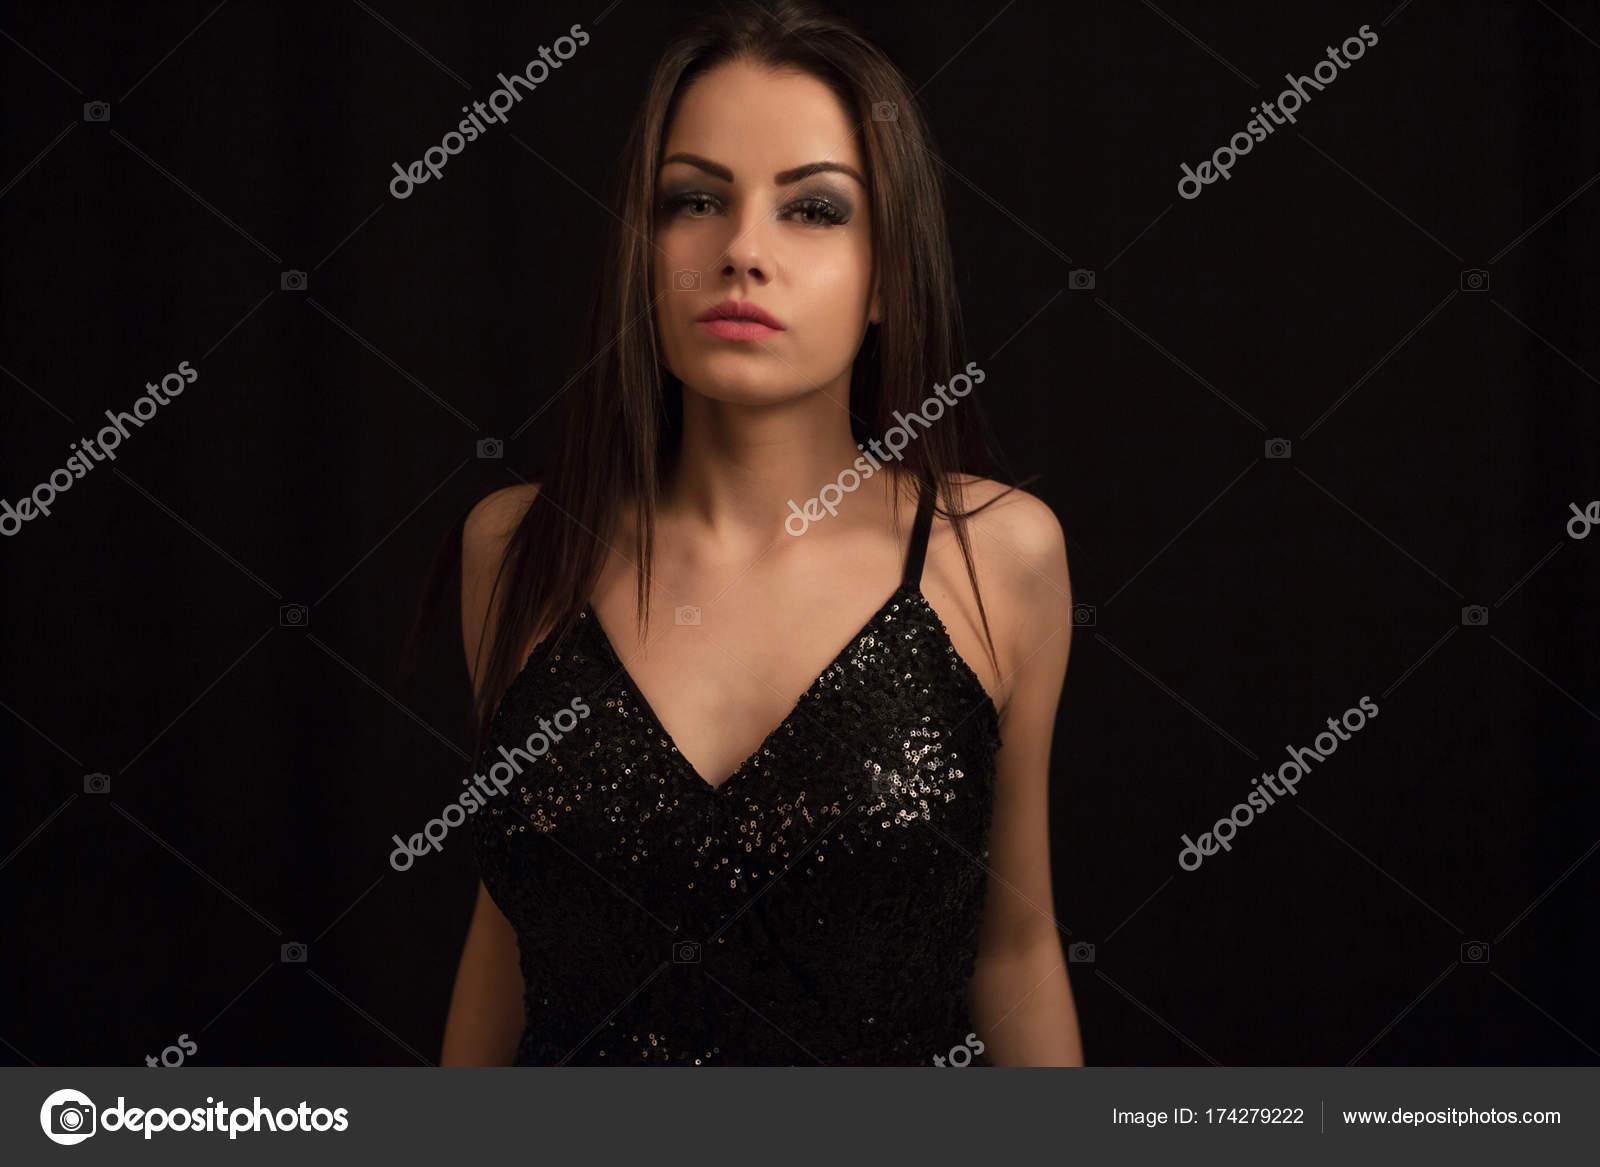 Профессиональные фотографии сексуальные